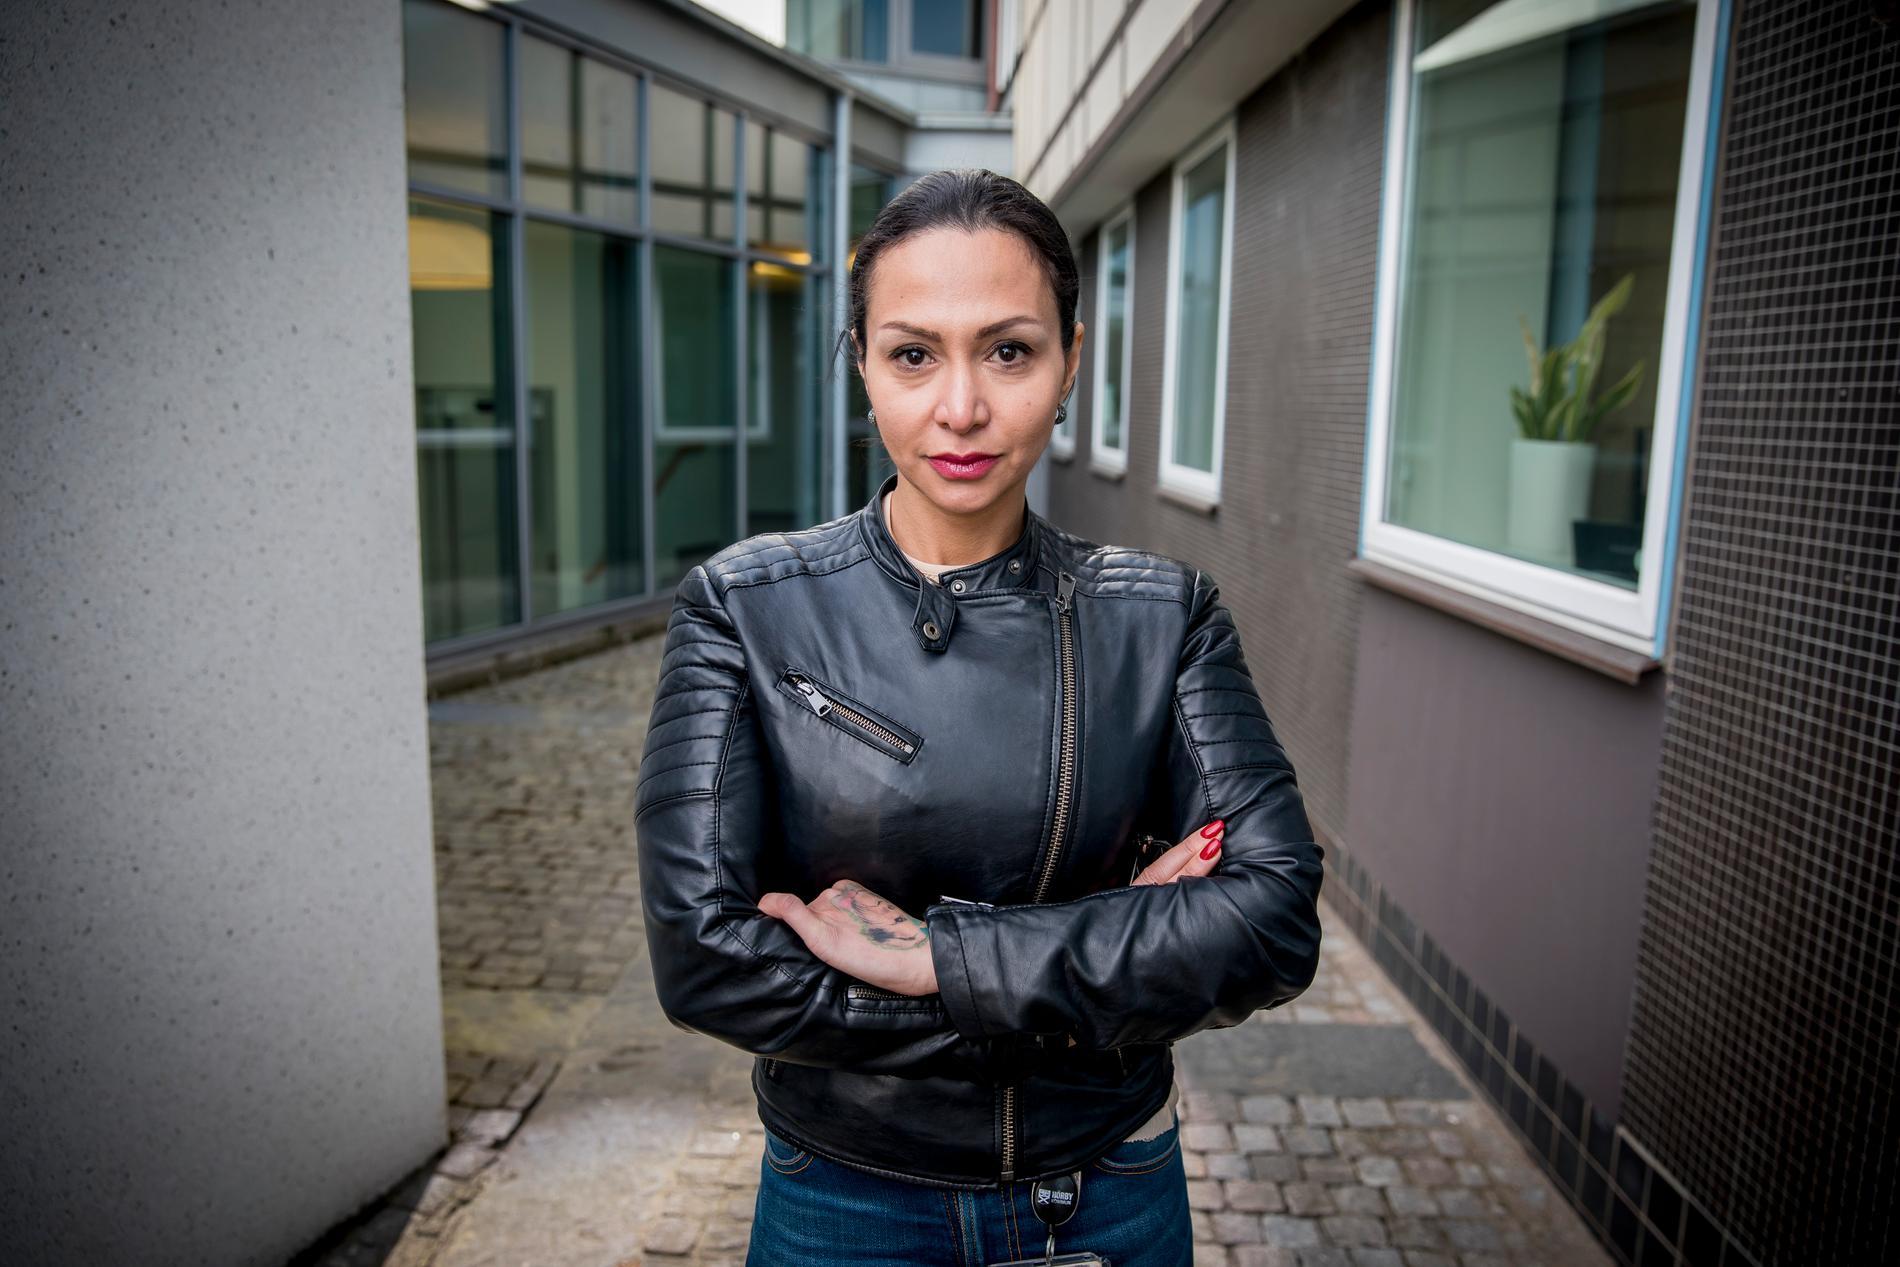 """Bahareh Andersson: """"Jag blev bokstavligen utvisad från kaféerna bara för att jag är kvinna. Detta hände alltså inte i Iran utan här i Sverige. Sverige är alltså inte så perfekt som det verkar. """""""